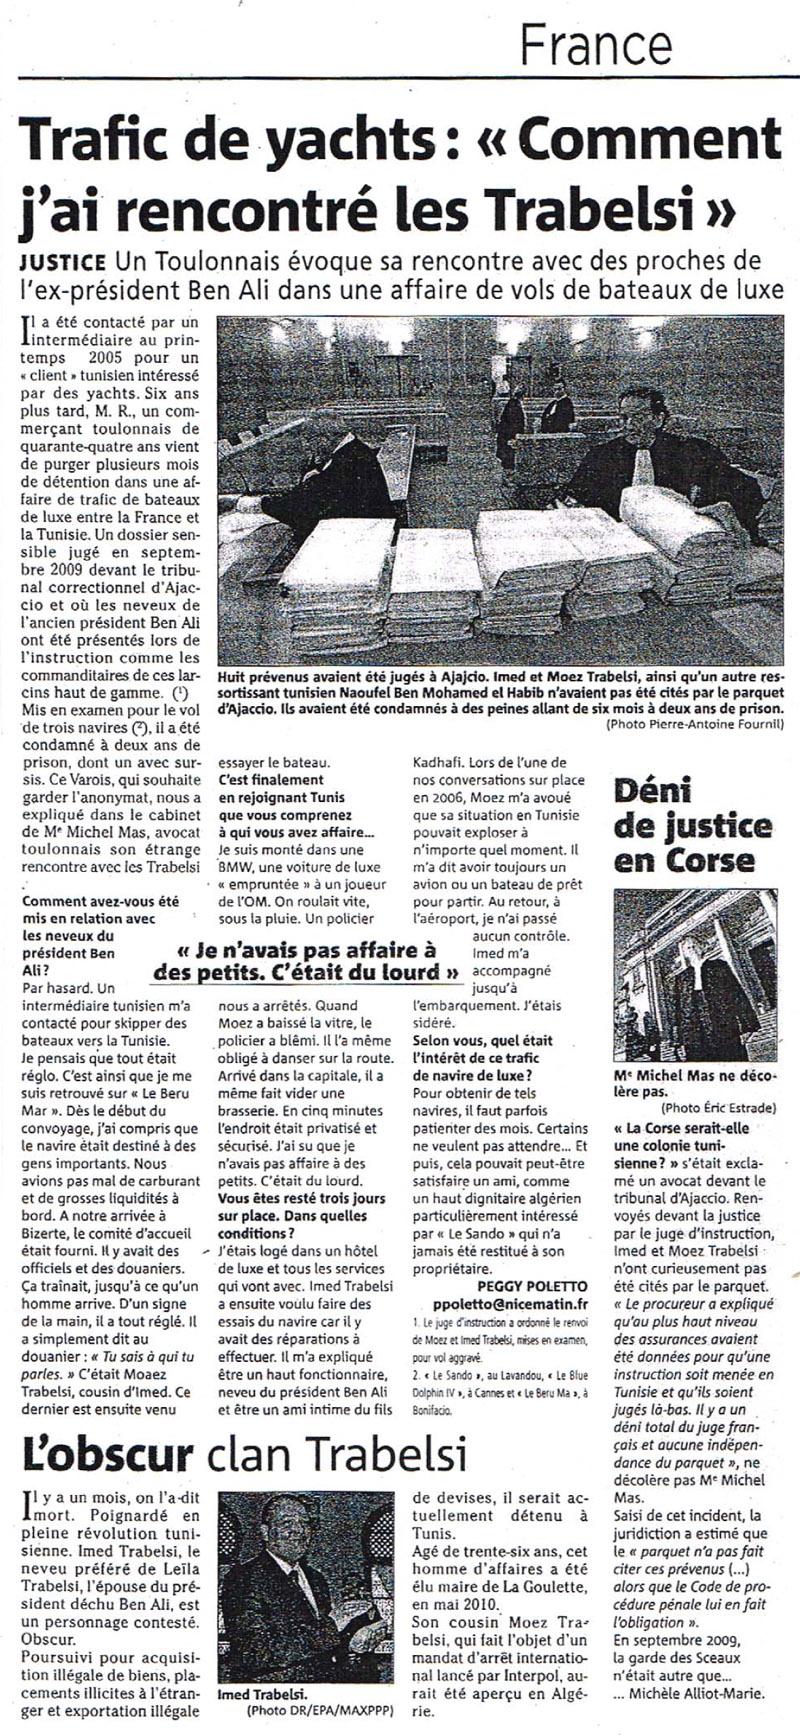 Cabinet MAS & Associés - Avocats au Barreau de Toulon et à la Cours d'Appel d'Aix-en-Provence